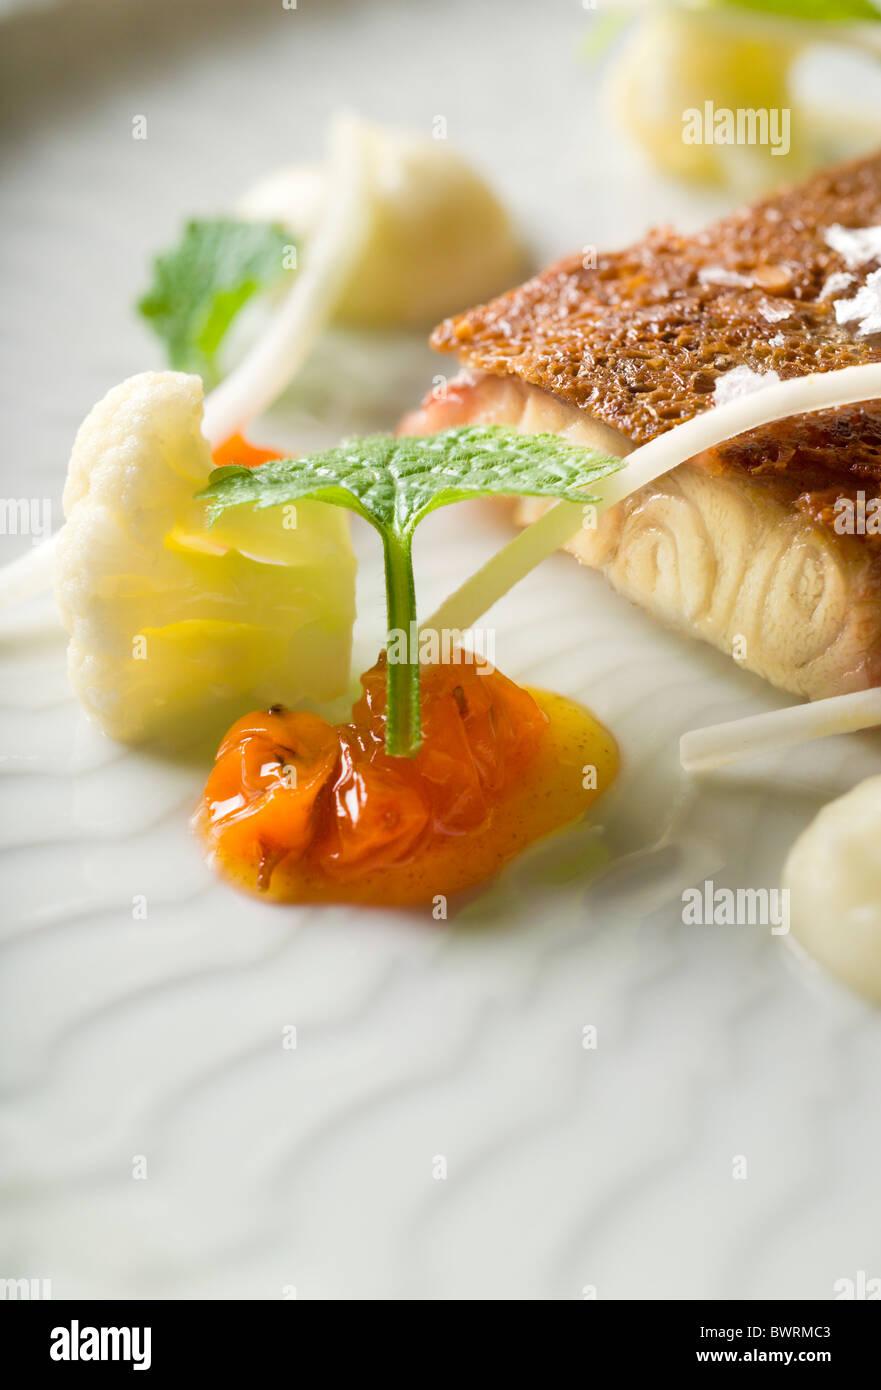 L'anguille fumée Rôtie avec pain de seigle, de choux-fleurs, baies d'argousier et les orties préparé Photo Stock